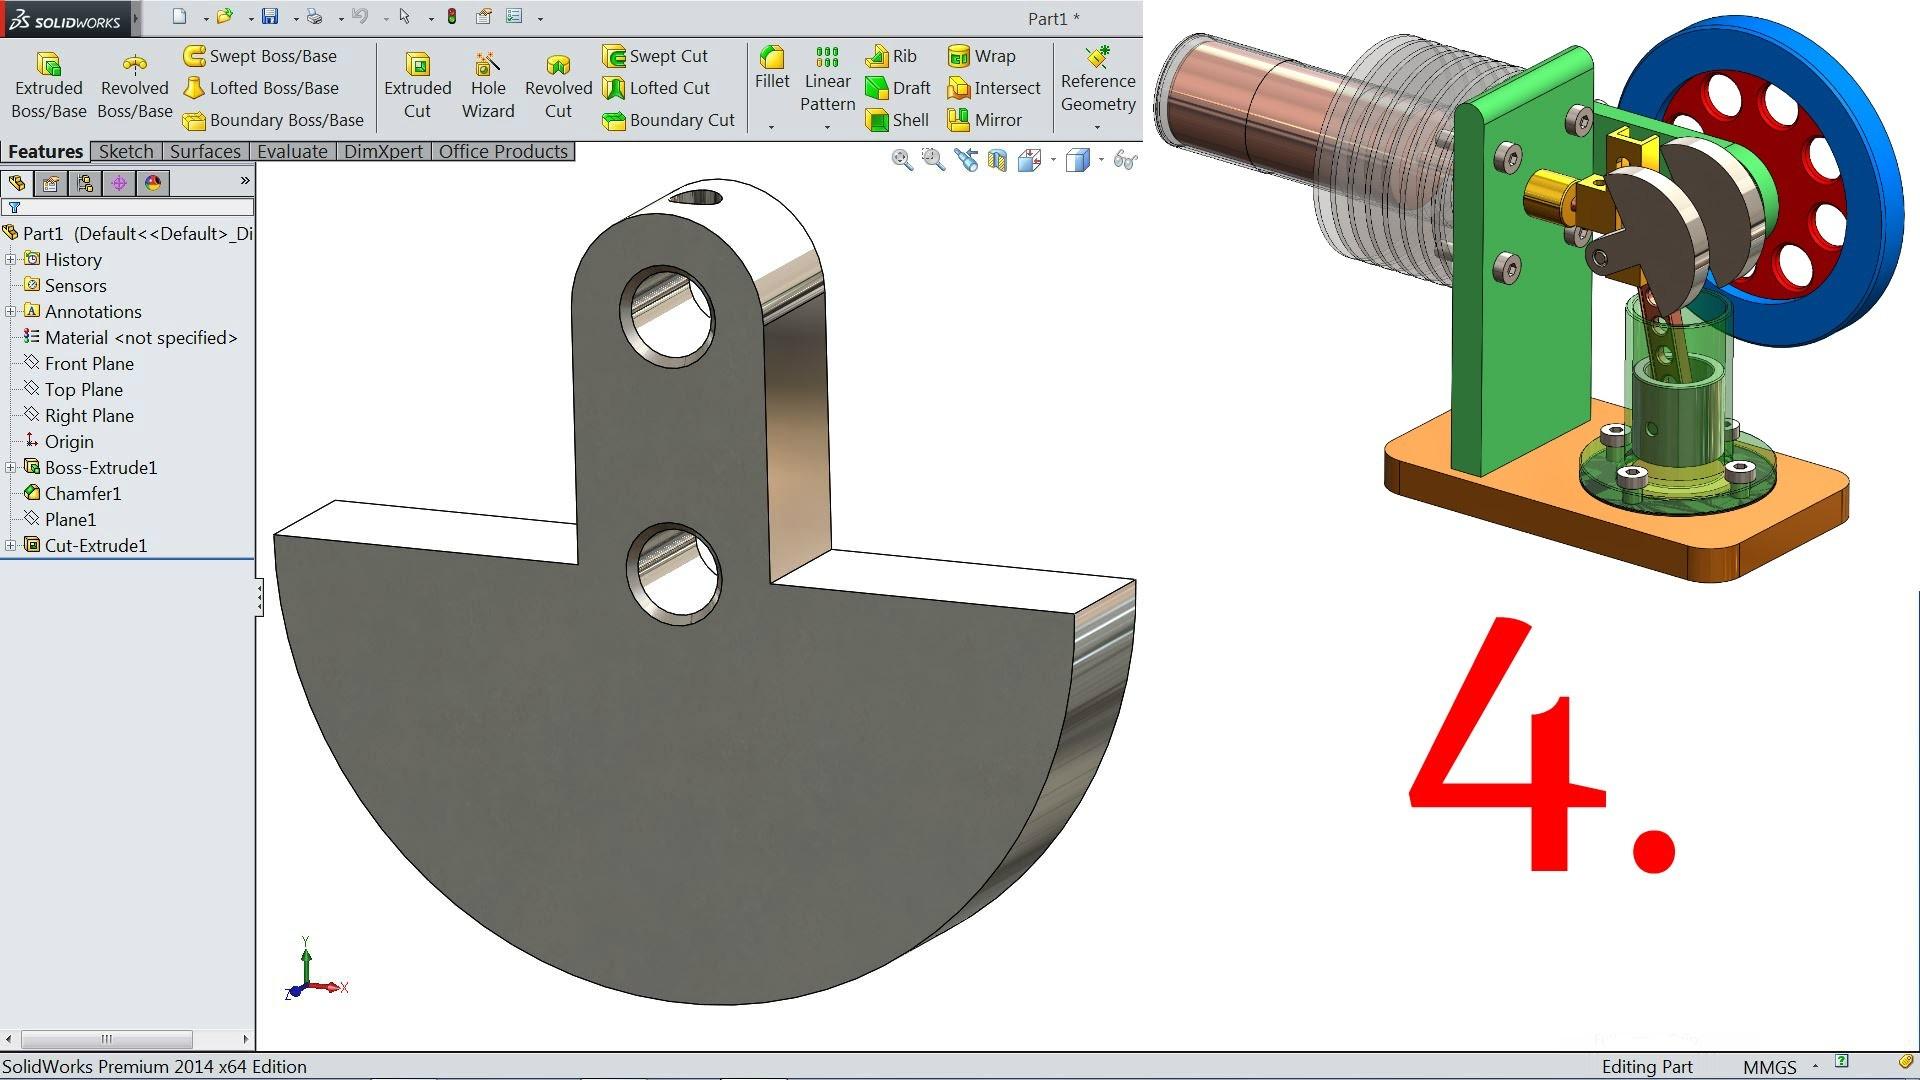 Stirling Engine Diagram solidworks Tutorial Stirling Engine Of Stirling Engine Diagram